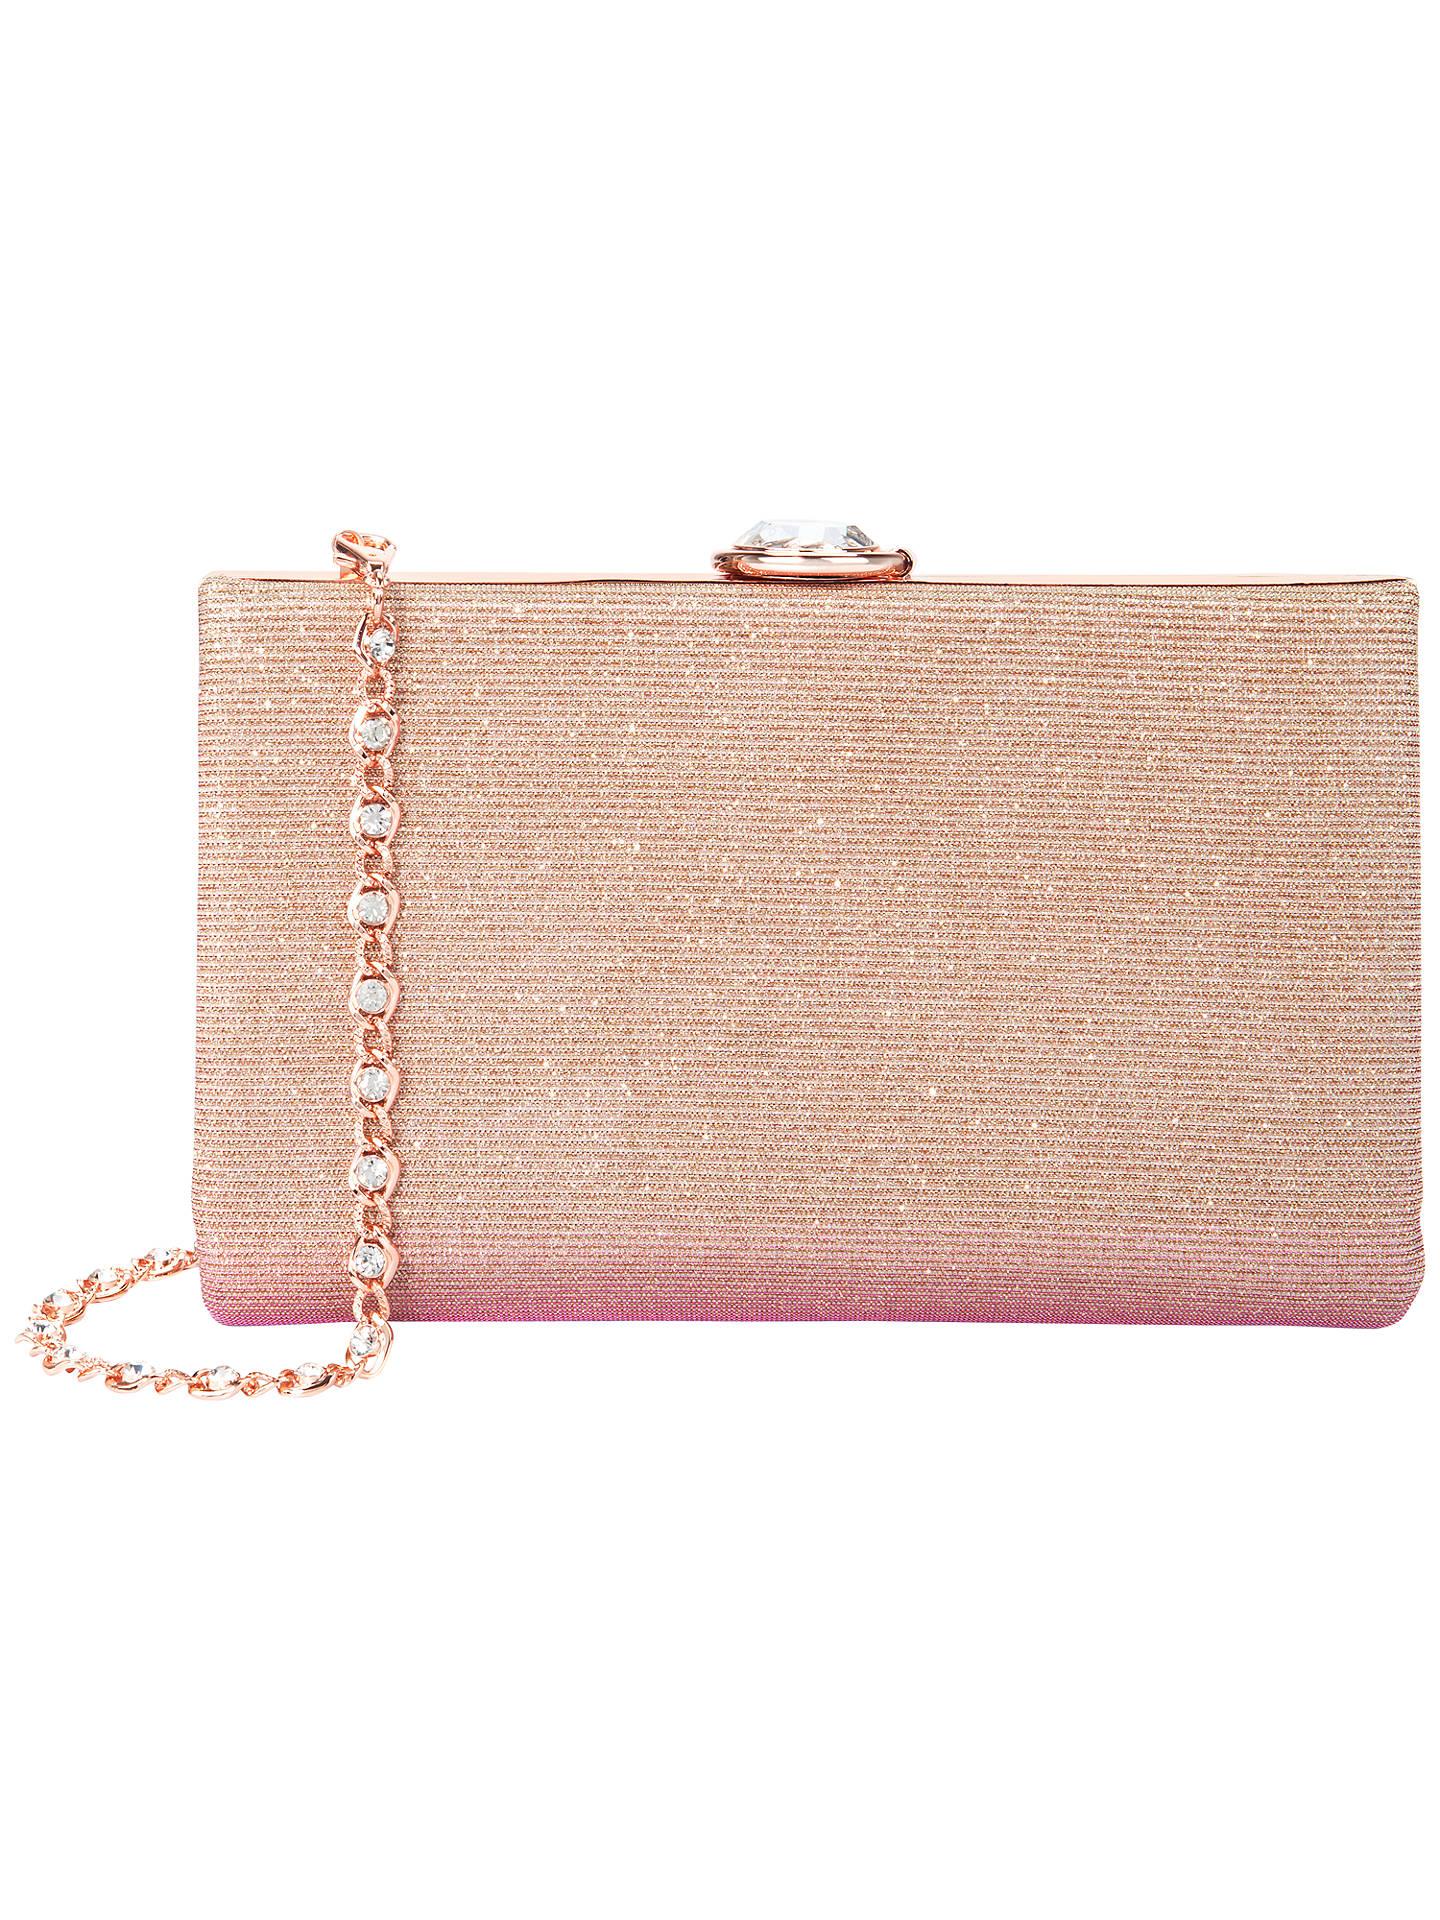 Ted Baker Giselle Hard Case Glitter Clutch Bag Dusky Pink